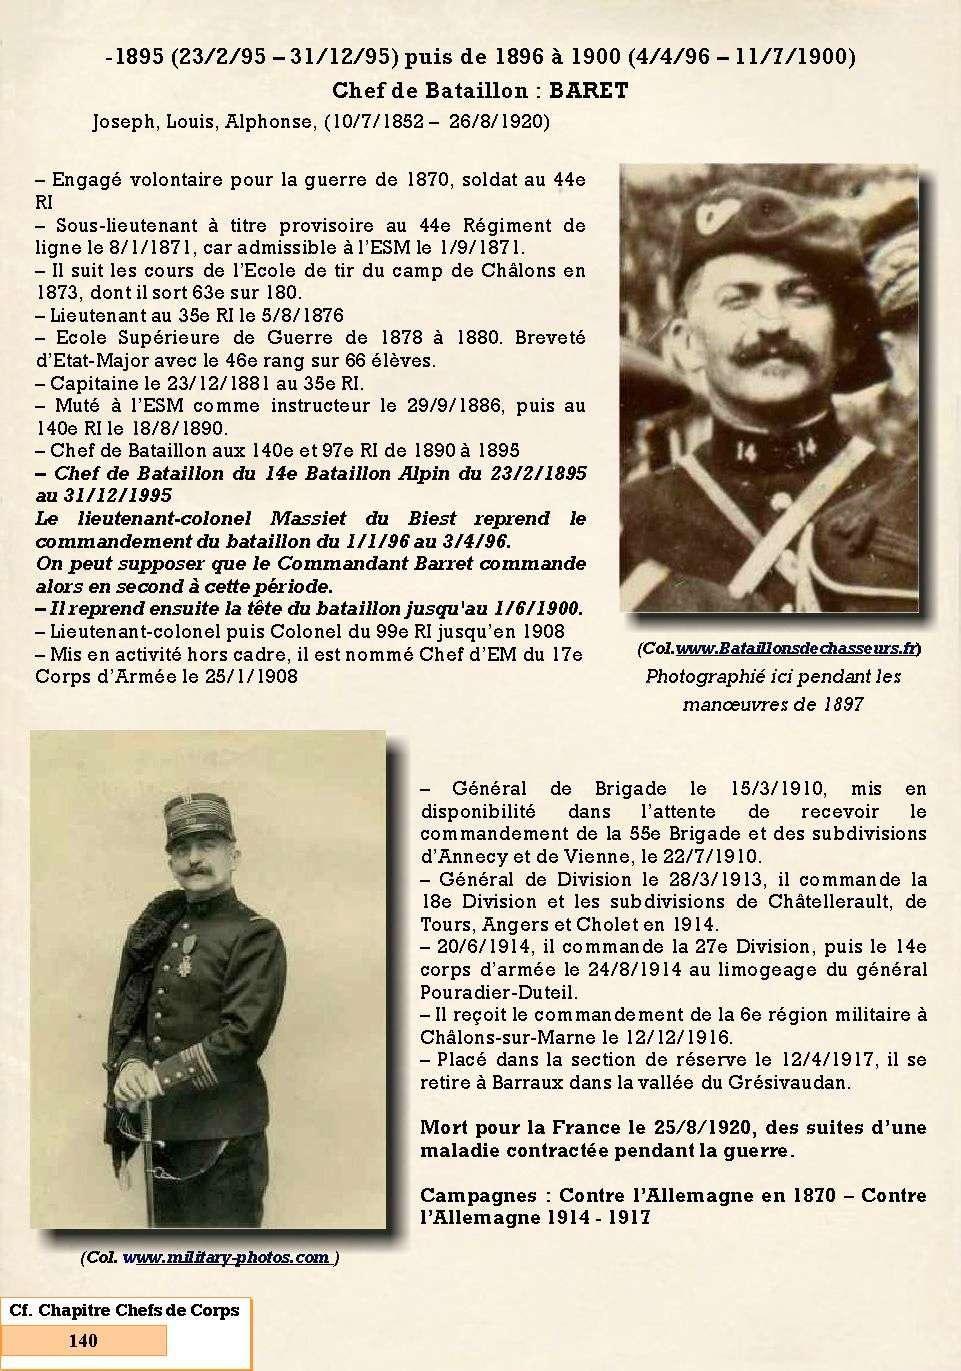 L'Historique du 14e Bataillon de Chasseurs. 1854 - 1962 Page_162